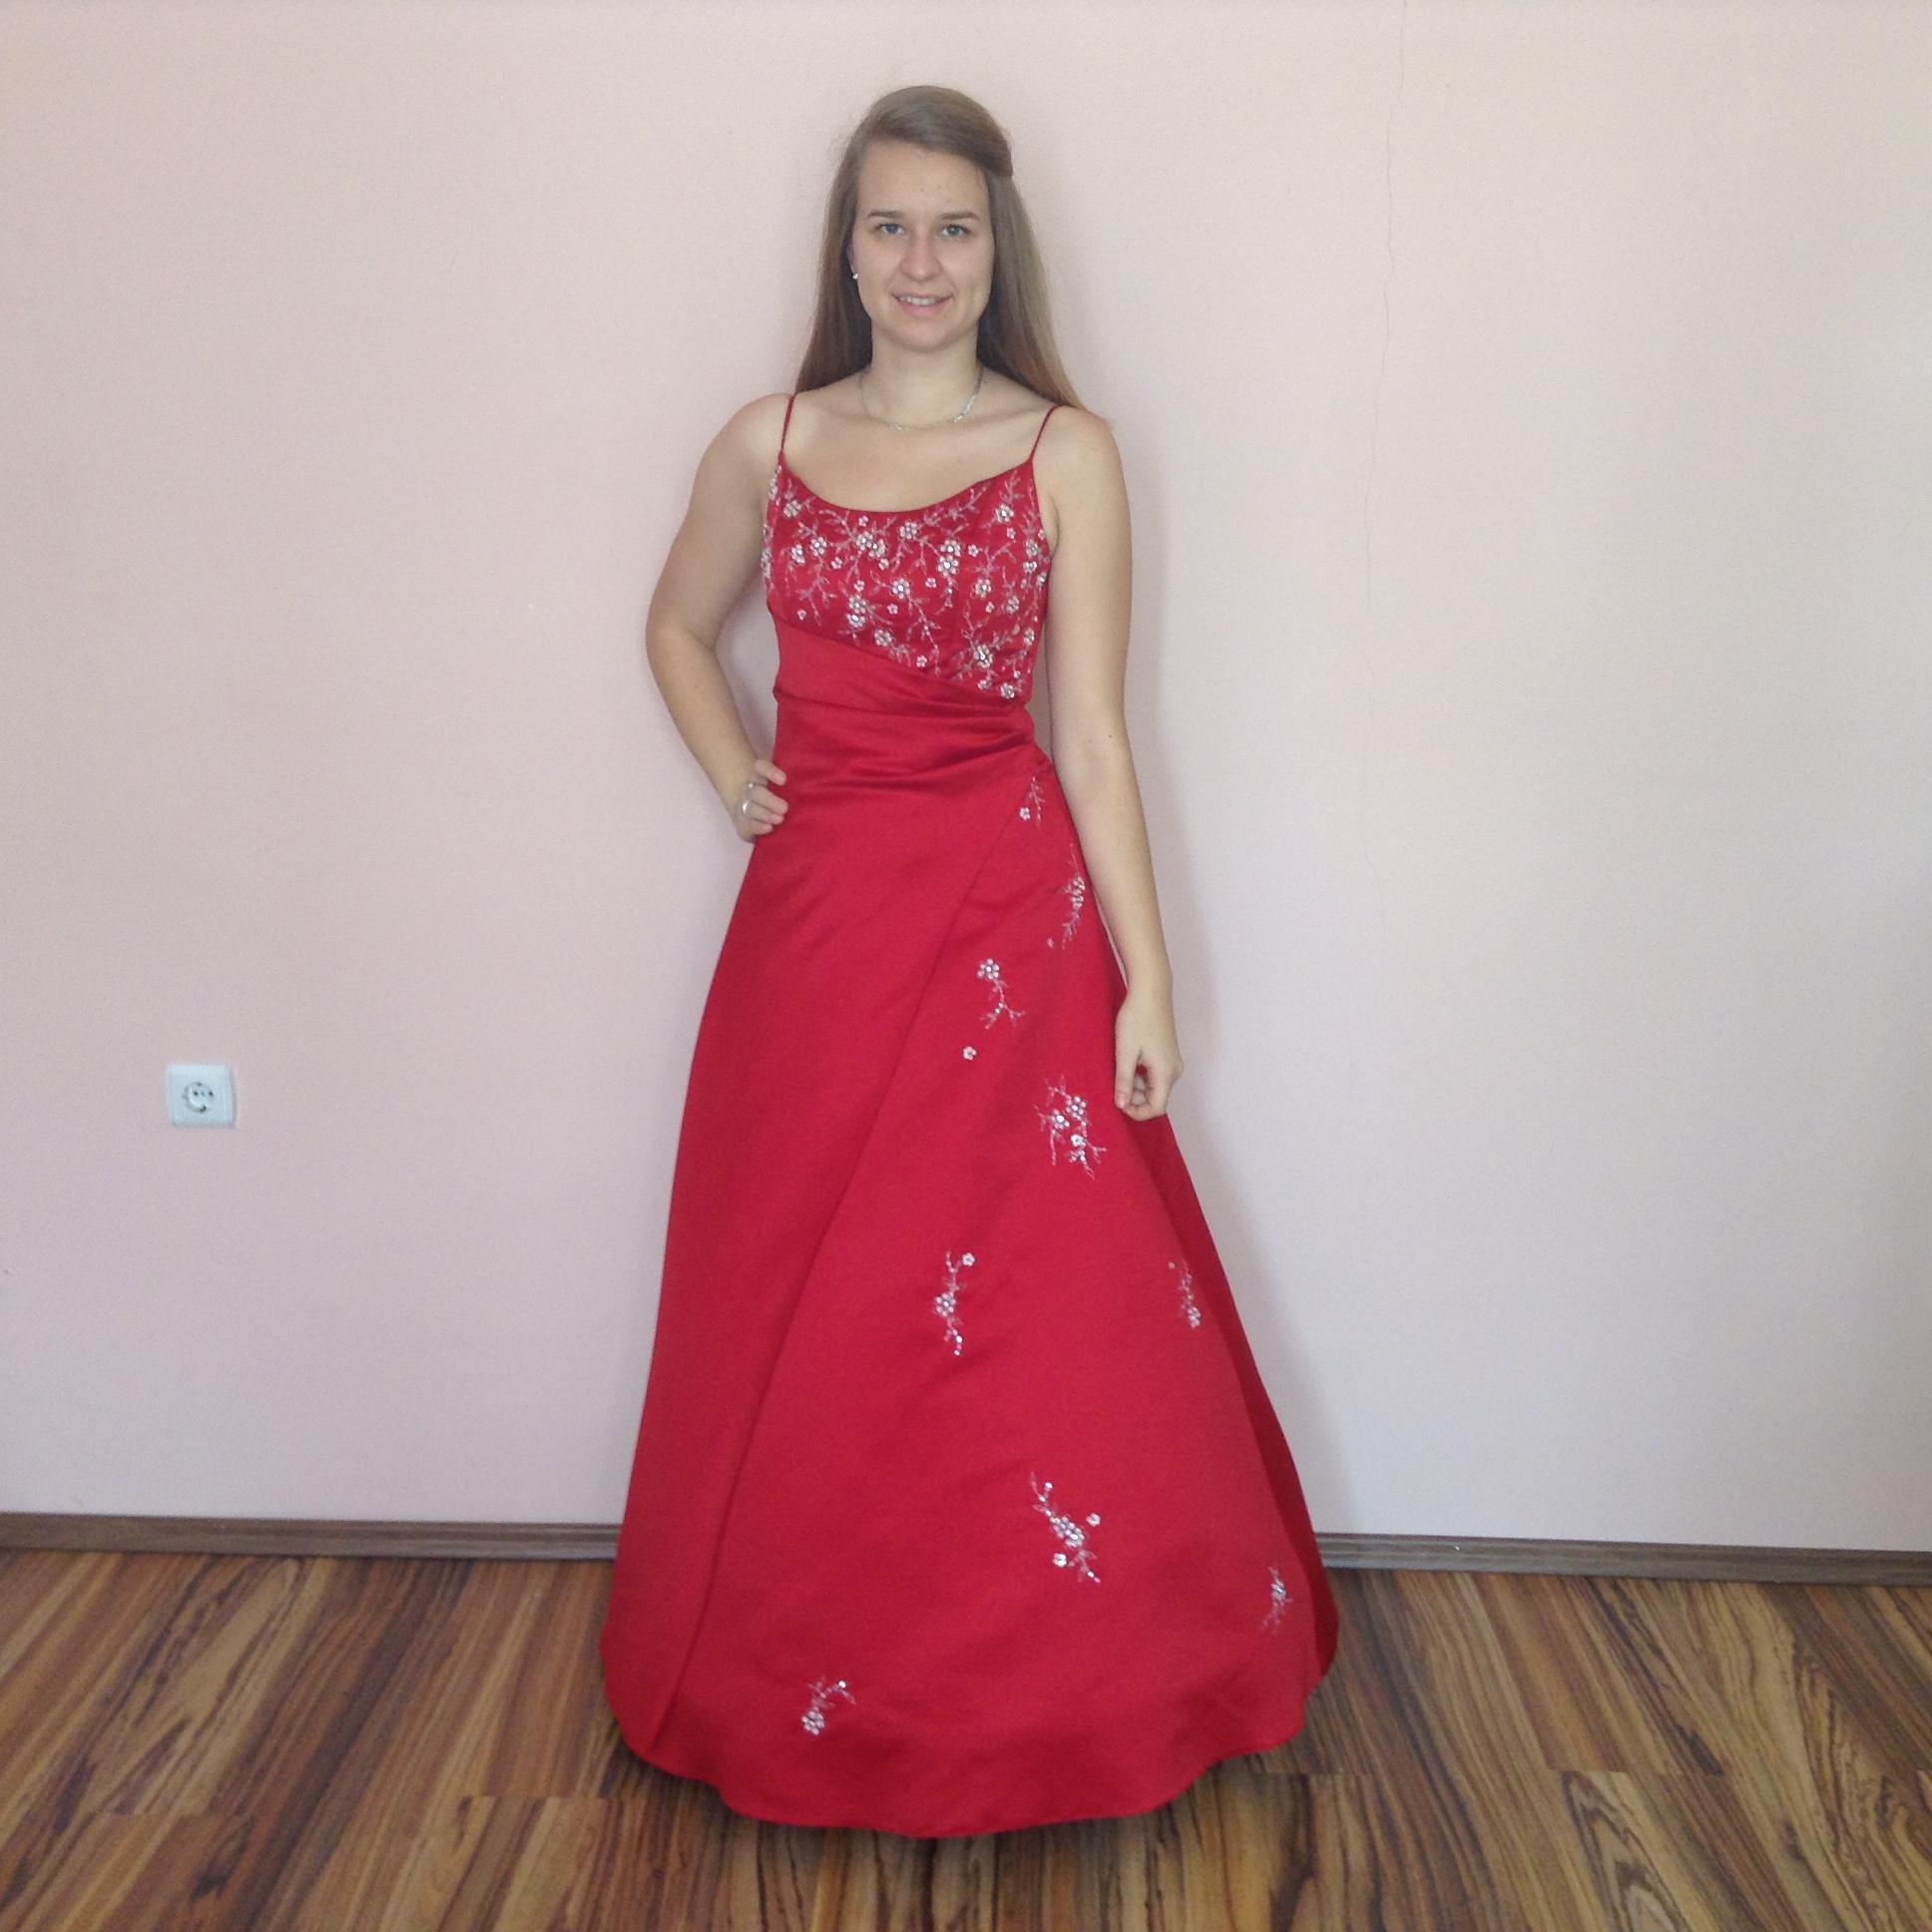 c5e946676 Piros koszsorúslány ruha (GDP-0058) - Evelin Esküvői Ruhaszalon